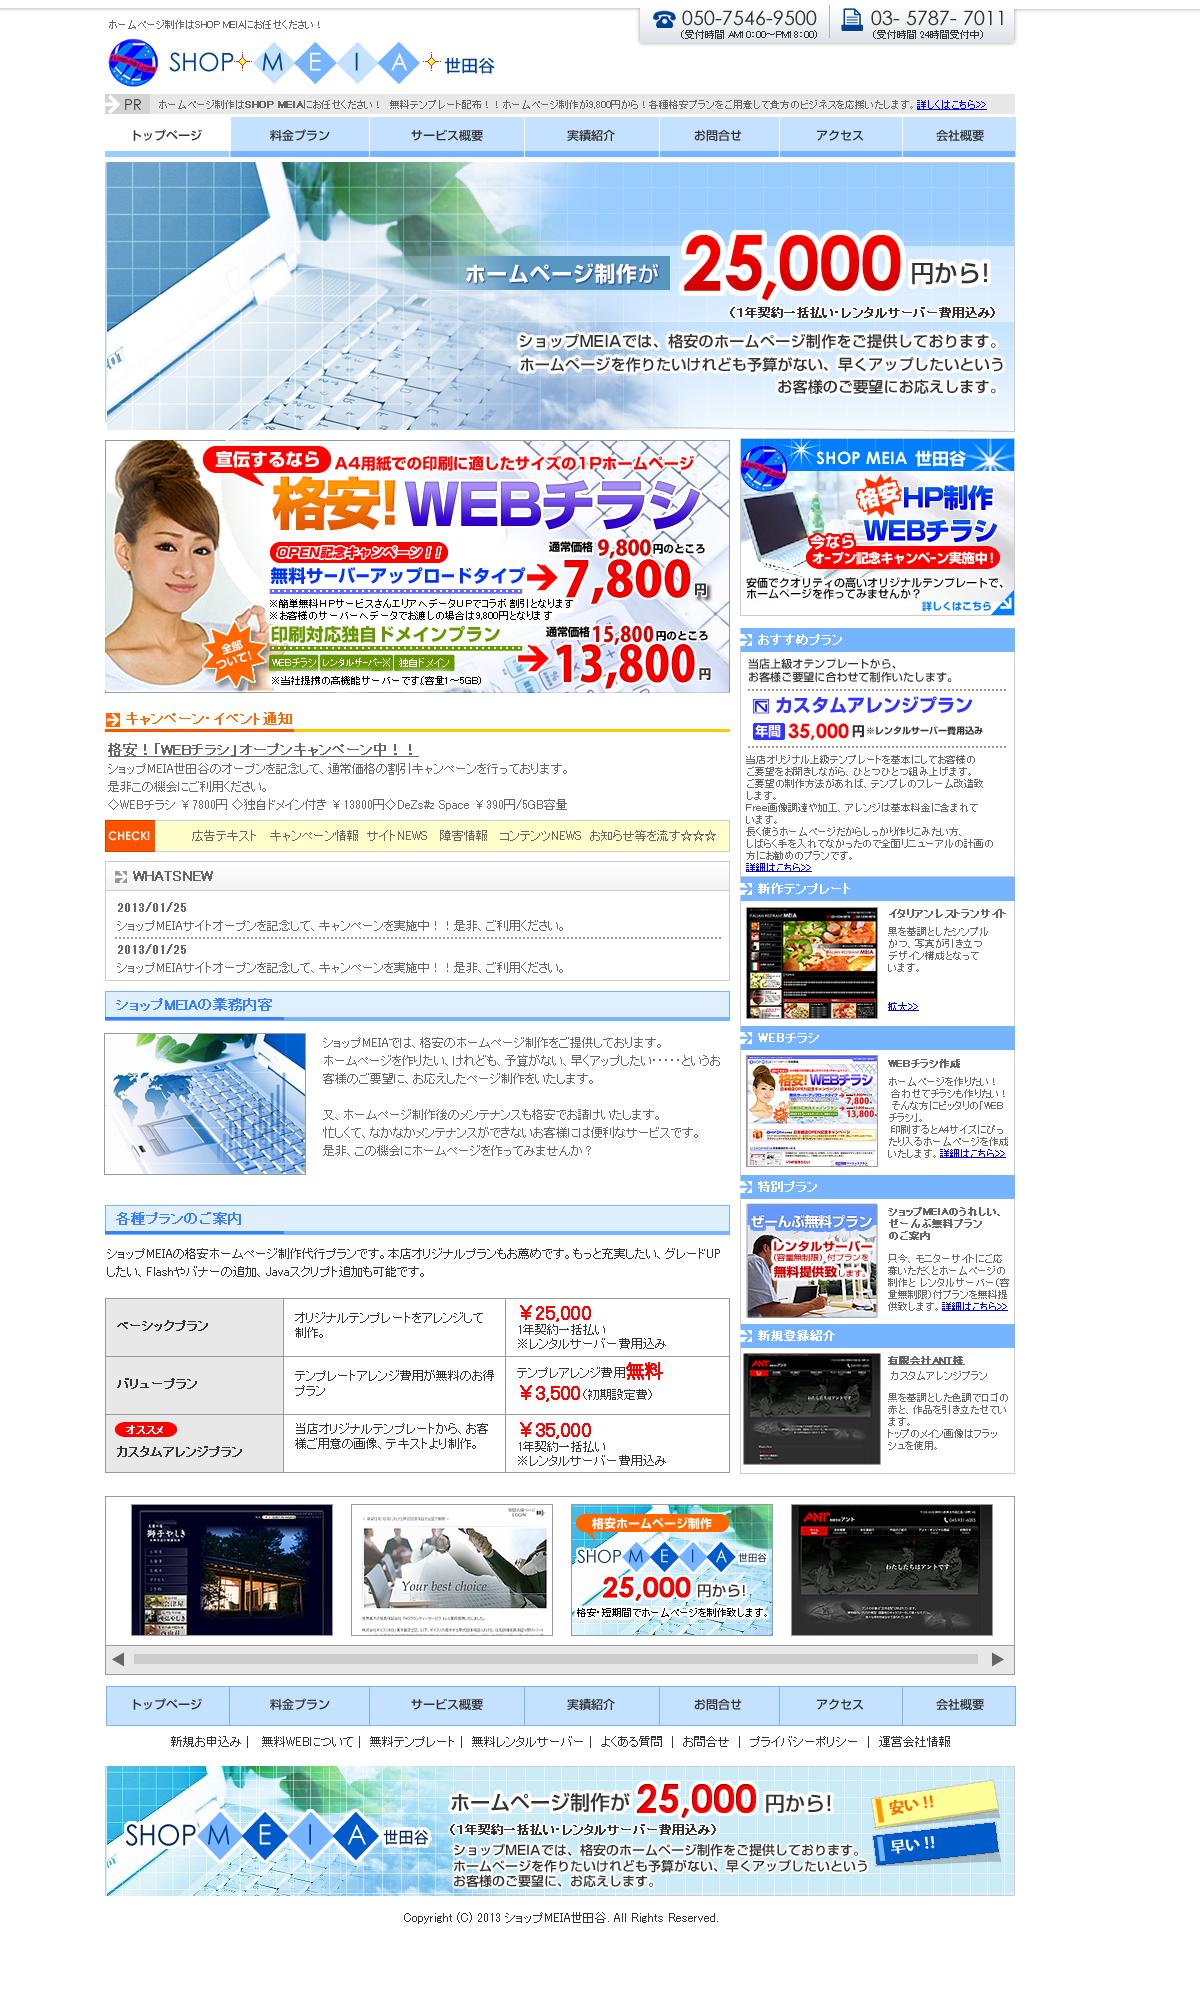 世田谷店の新サービス 無料テンプレートが出来上がりました